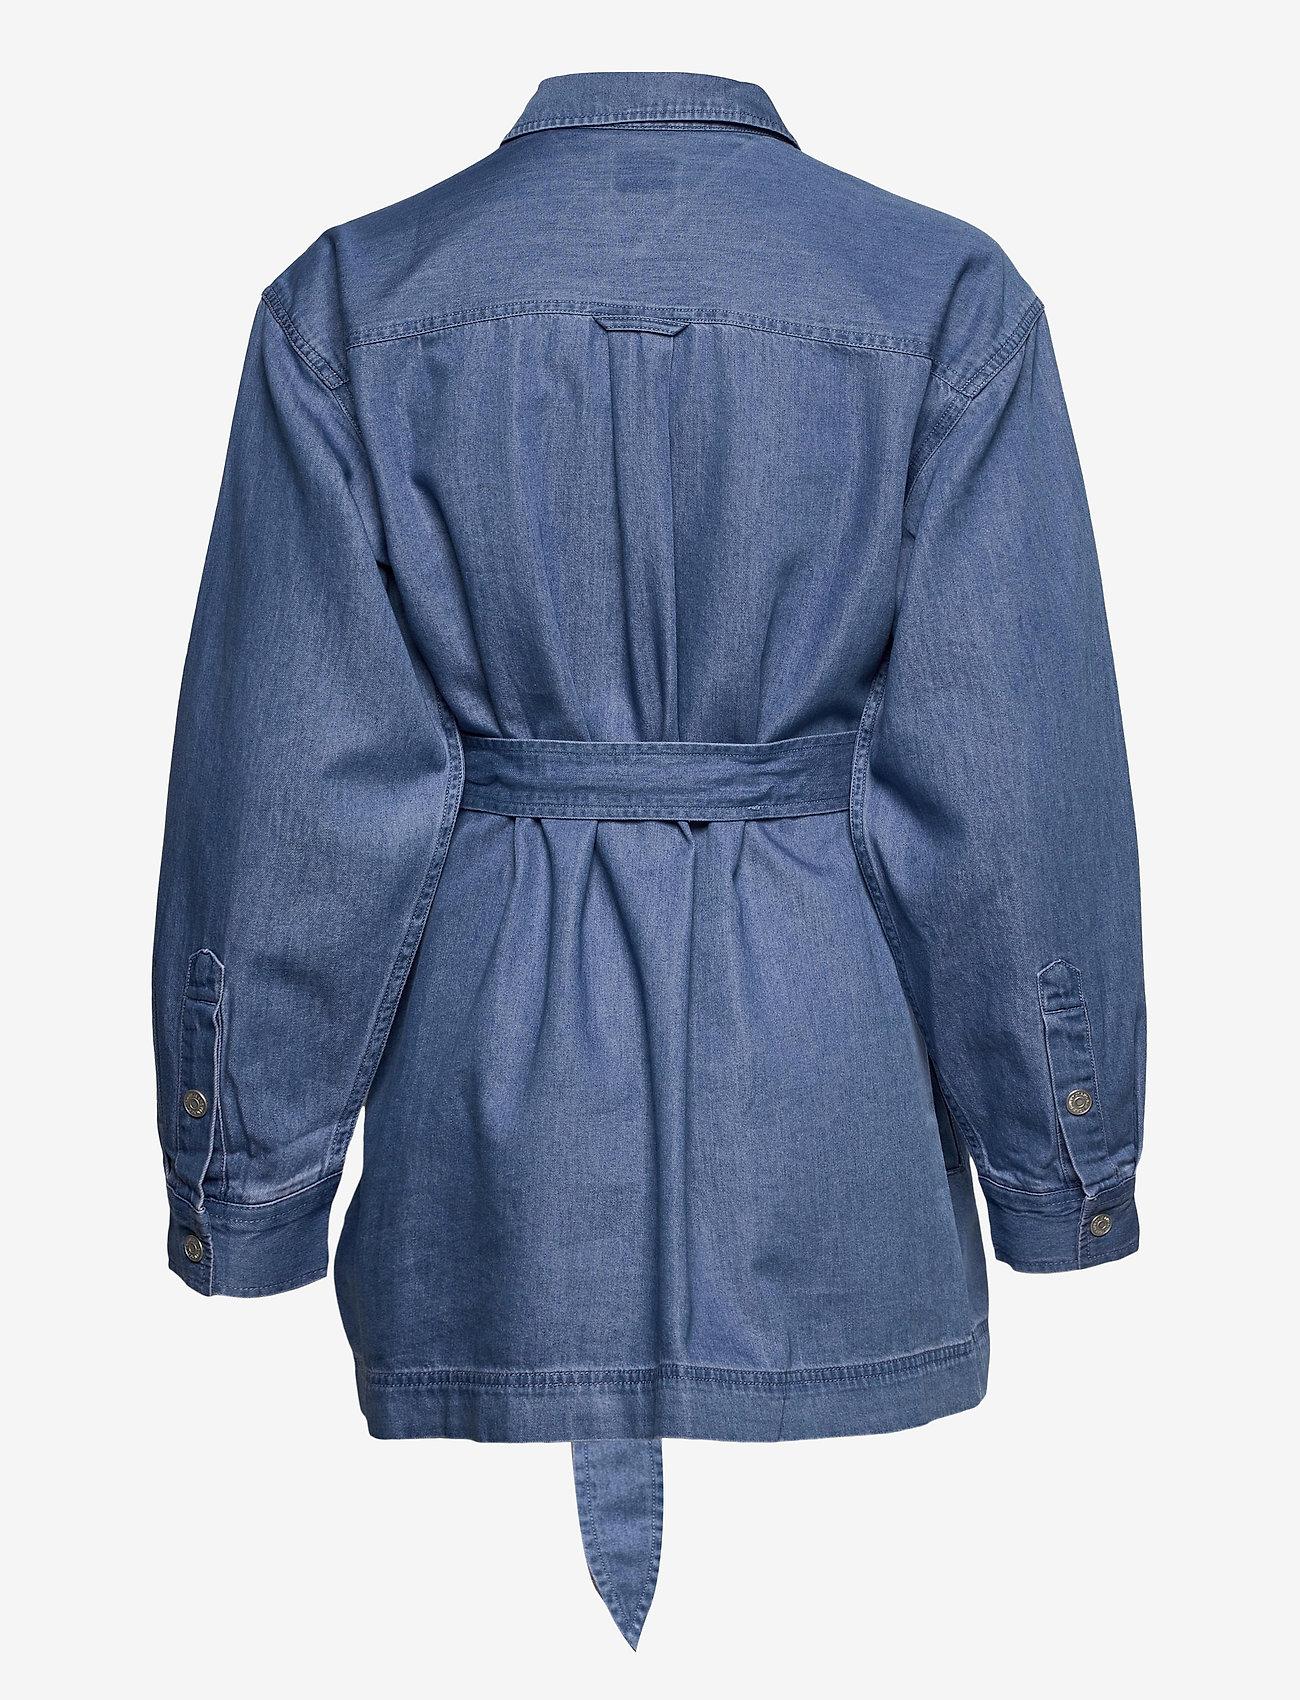 Tommy Jeans - TJW BOYFRIEND BELTED OVERSHIRT - kläder - mid indigo - 1